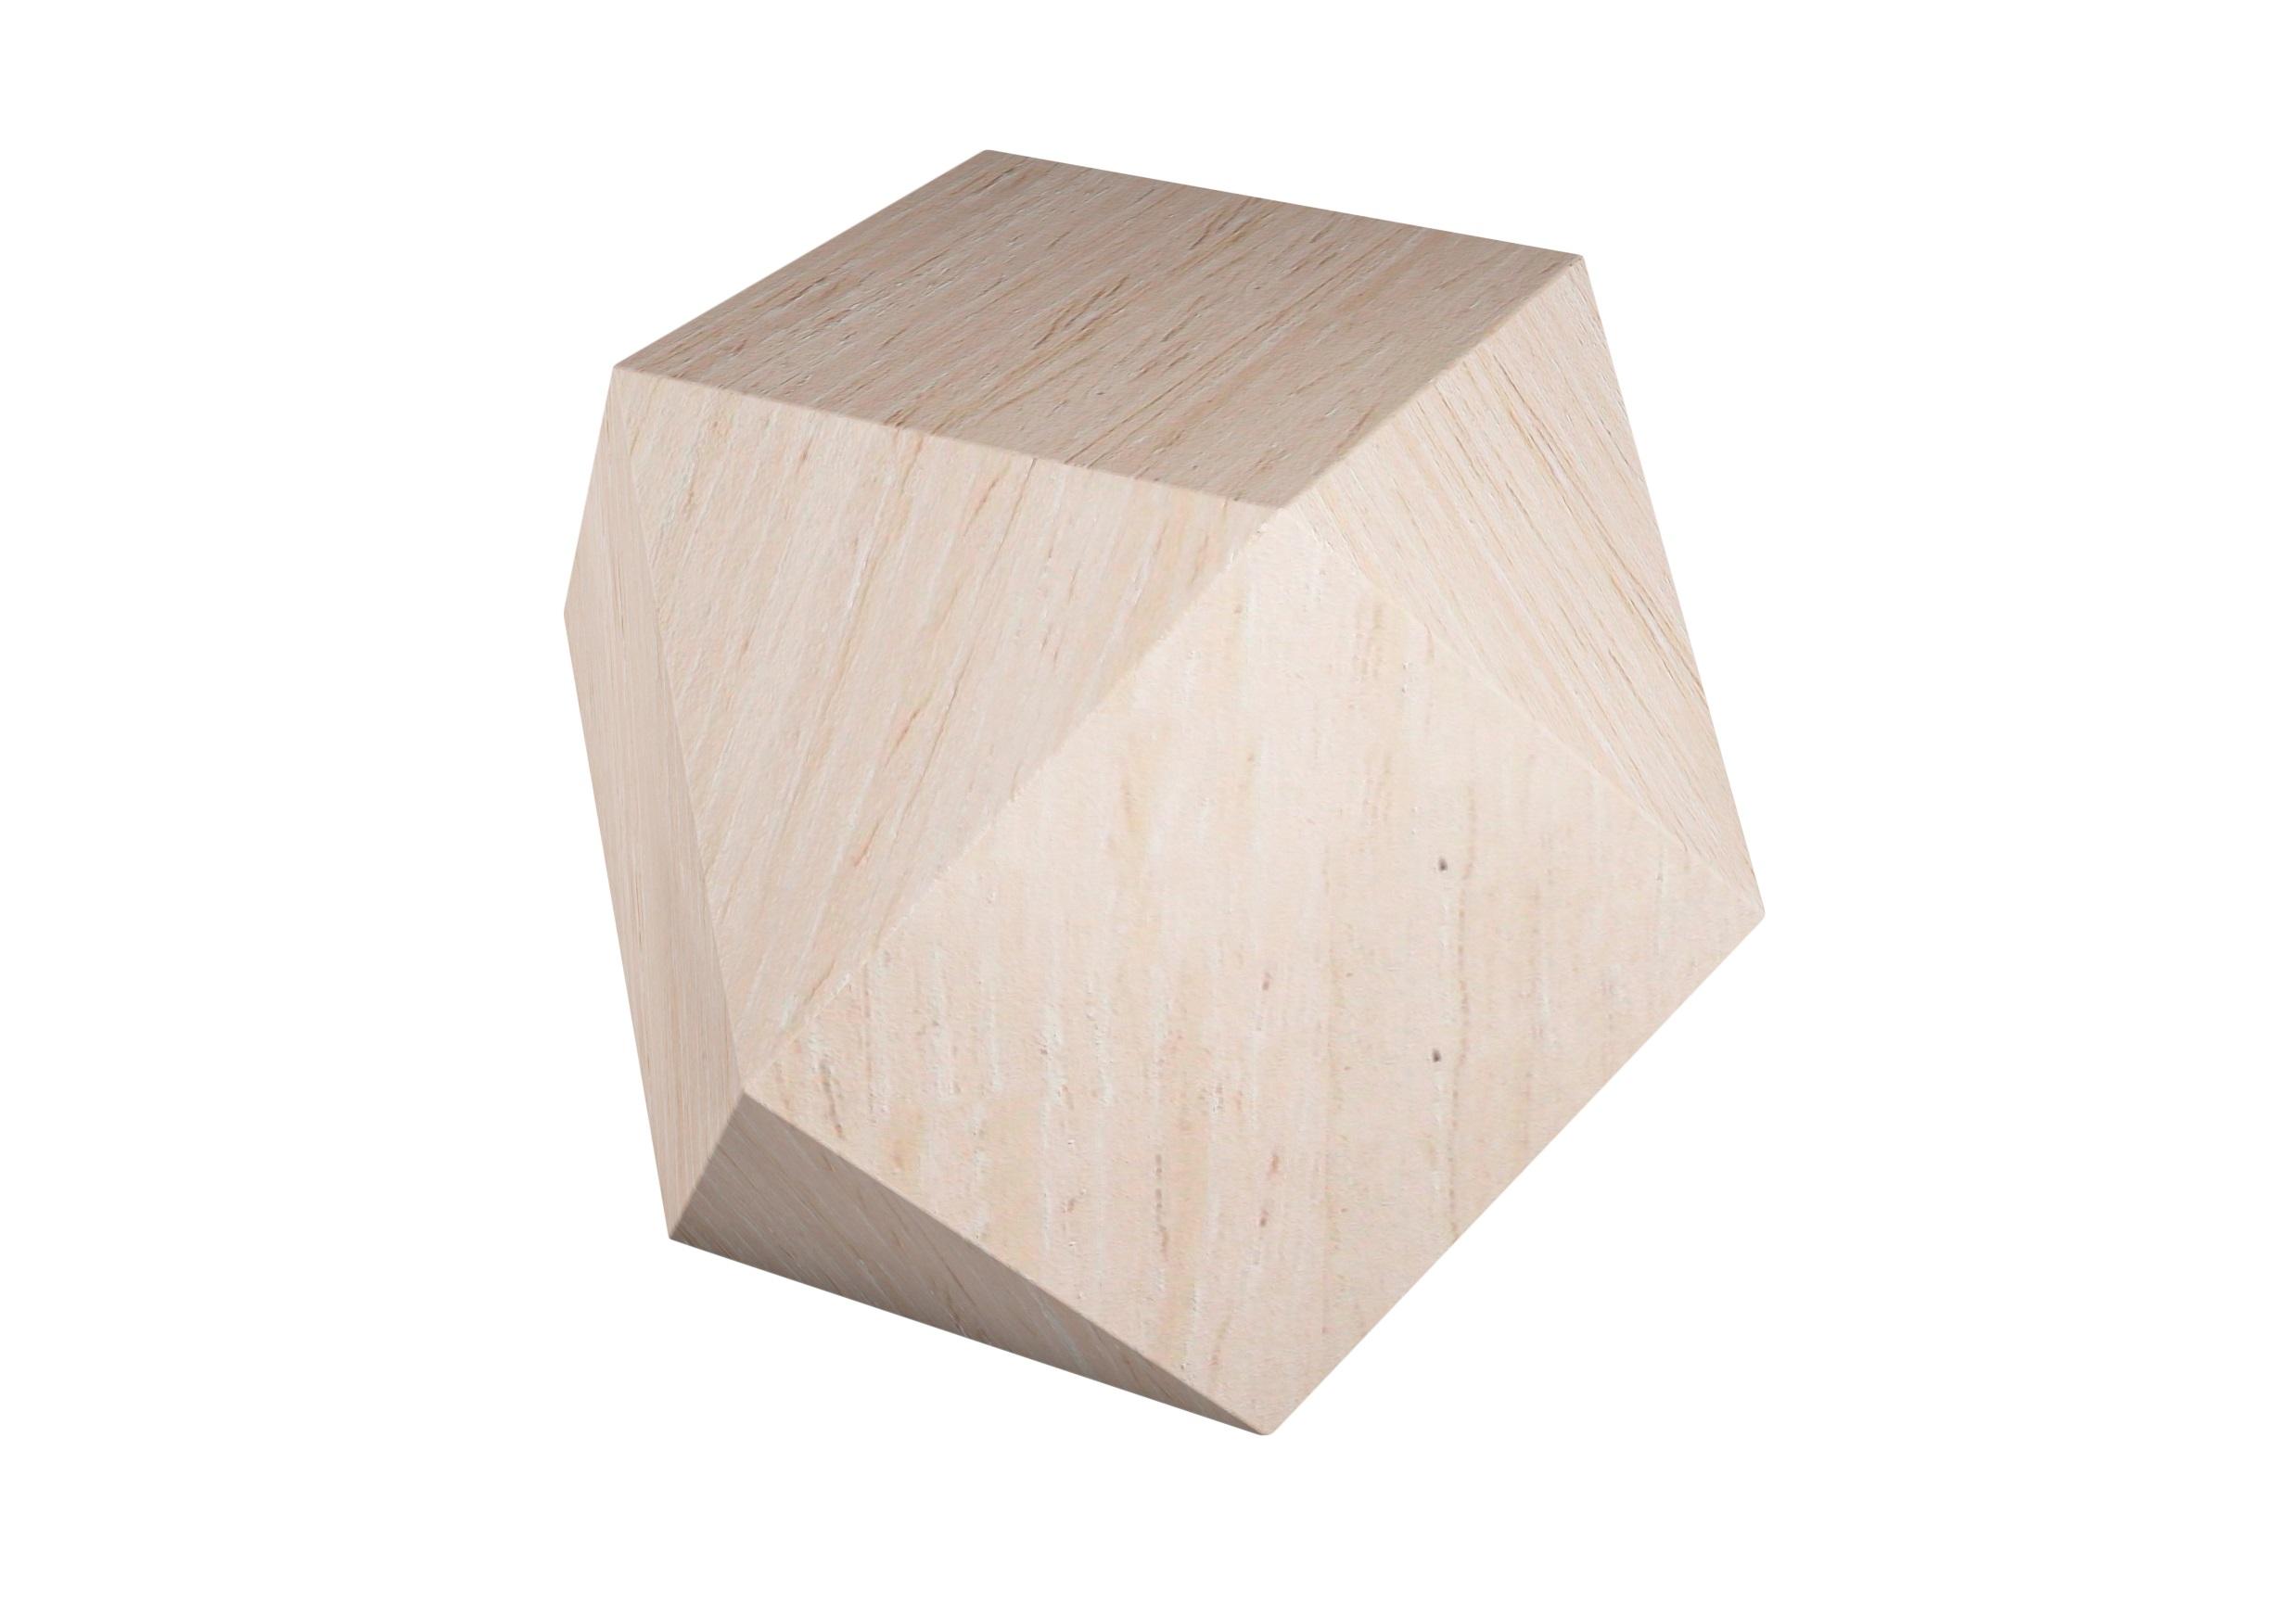 Тумба МногогранникПрикроватные тумбы, комоды, столики<br>Можно использовать как прикроватную тумбу&amp;lt;div&amp;gt;Материал: МДФ, шпон&amp;amp;nbsp;&amp;lt;/div&amp;gt;<br><br>Material: МДФ<br>Width см: 71<br>Depth см: 50<br>Height см: 50